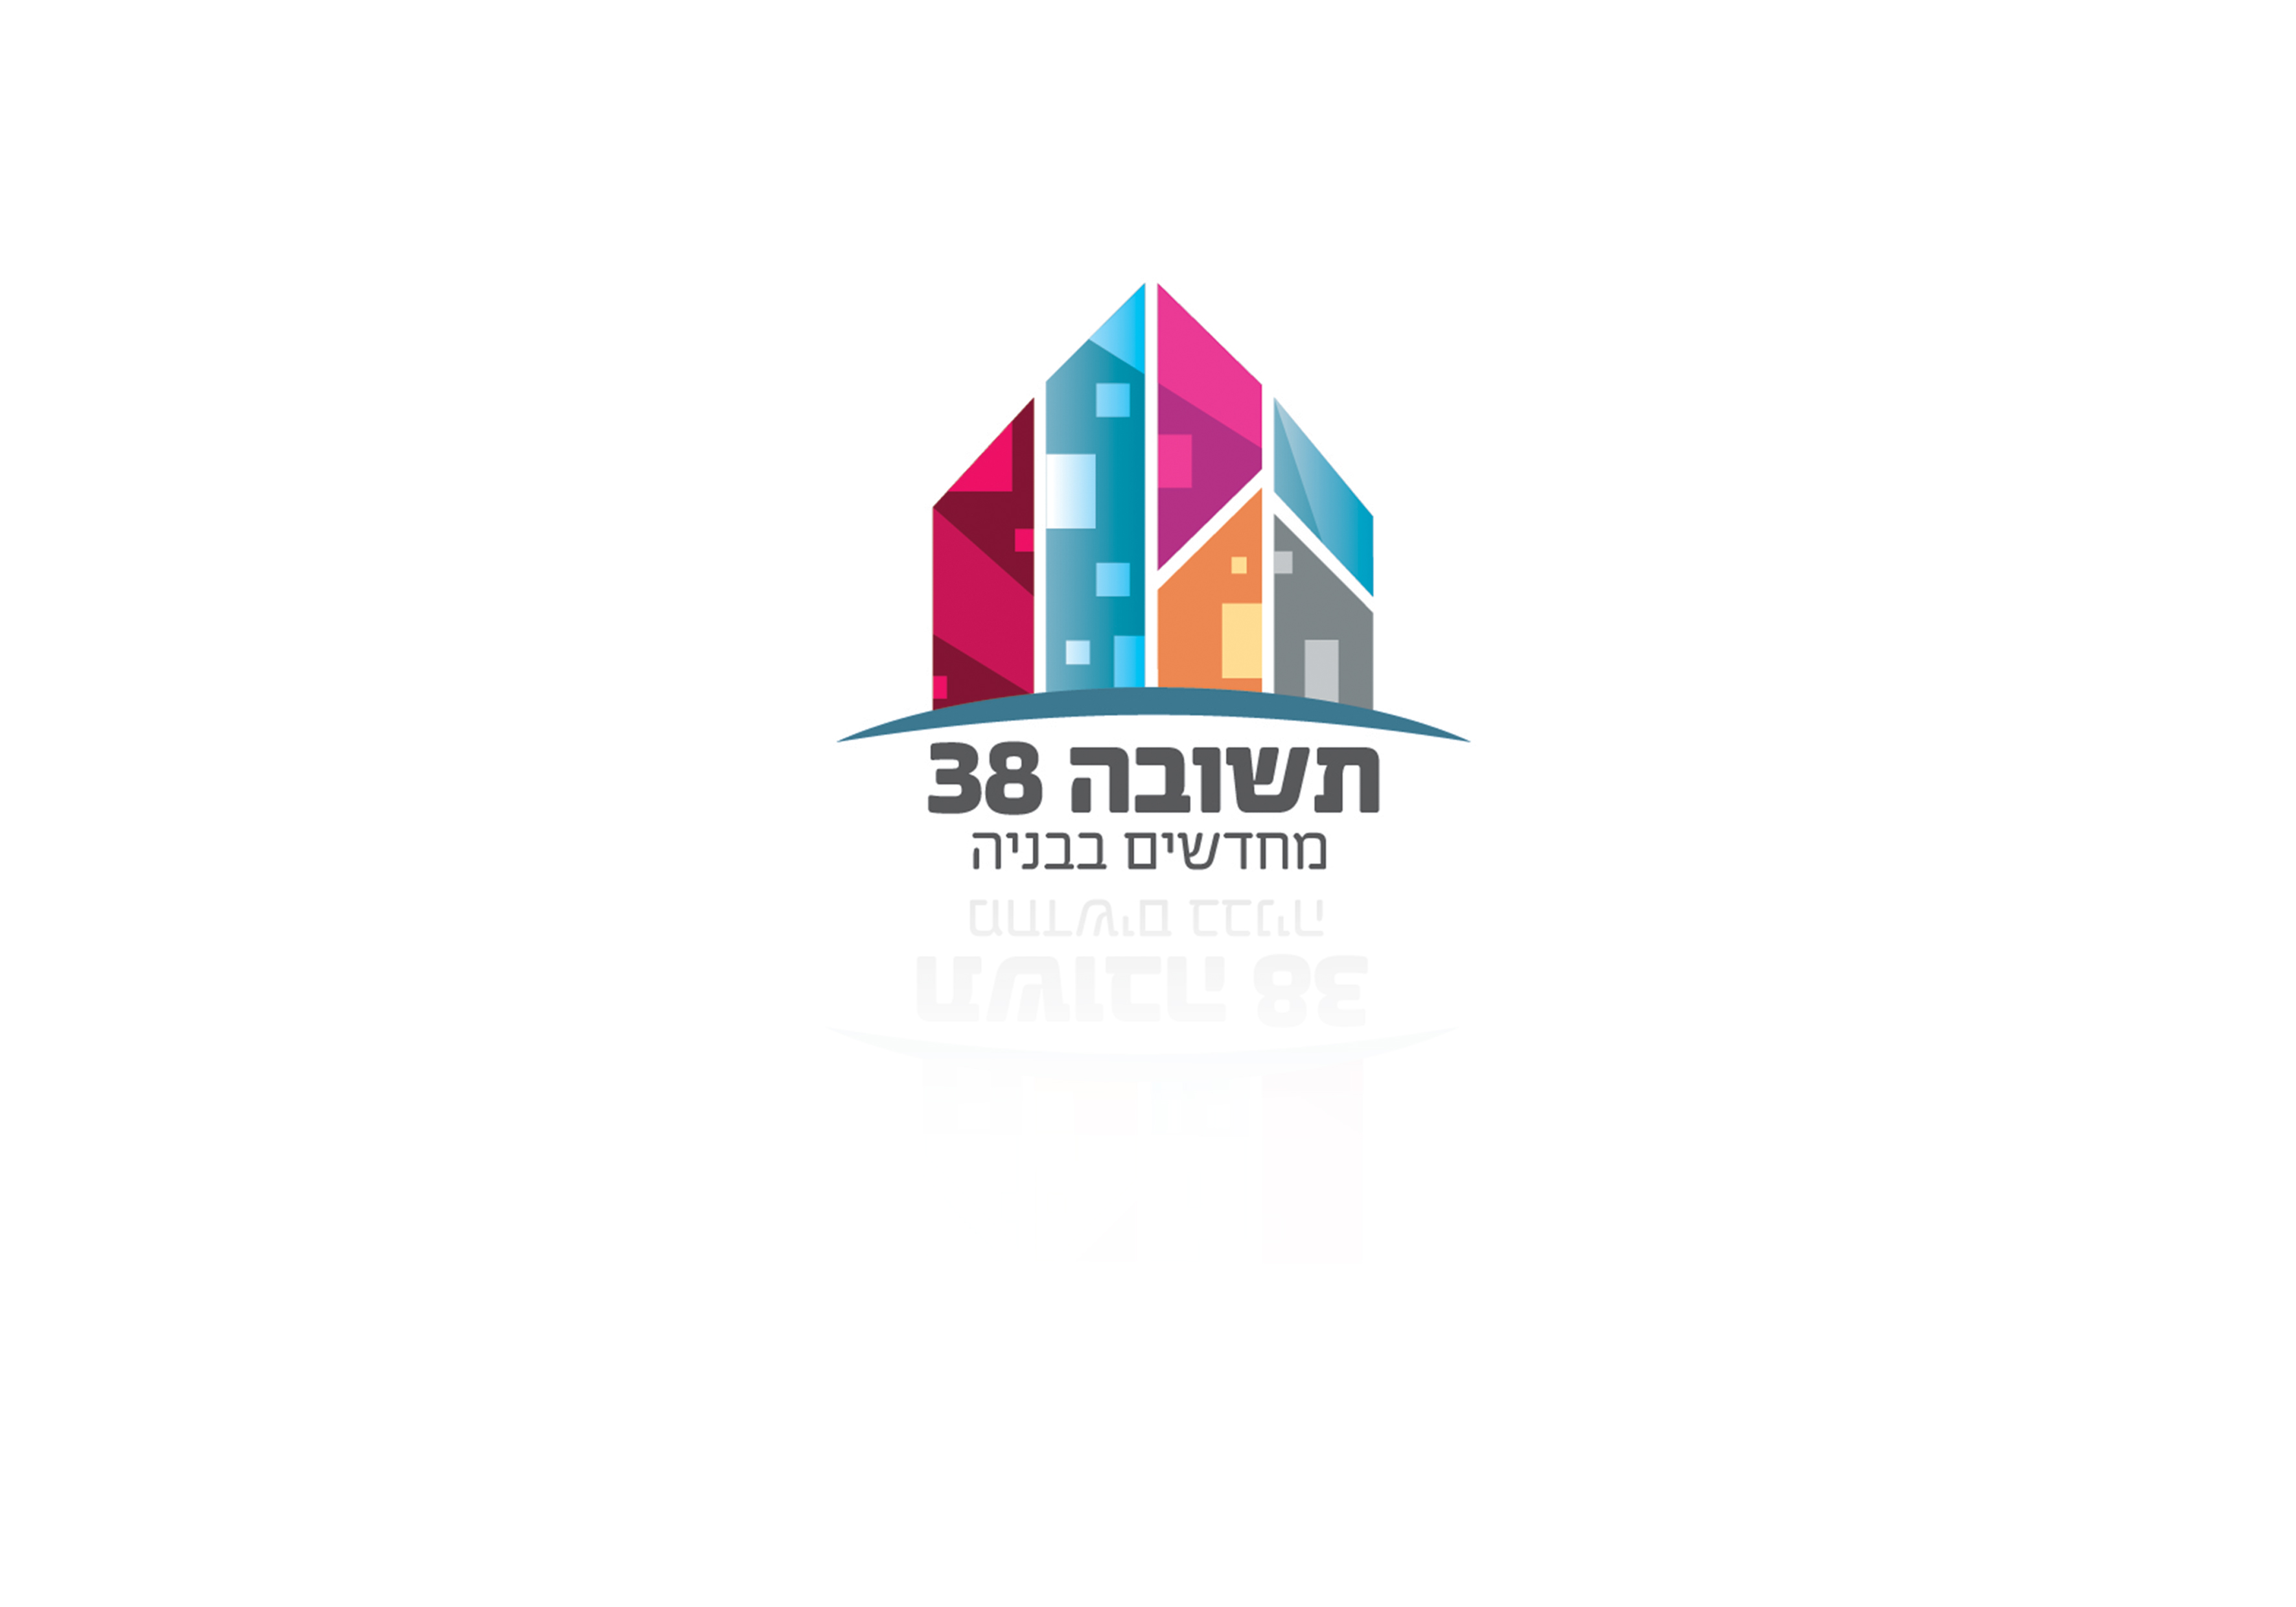 מיתוג חברת הנדל״ן תשובה38 - עיצוב לוגו